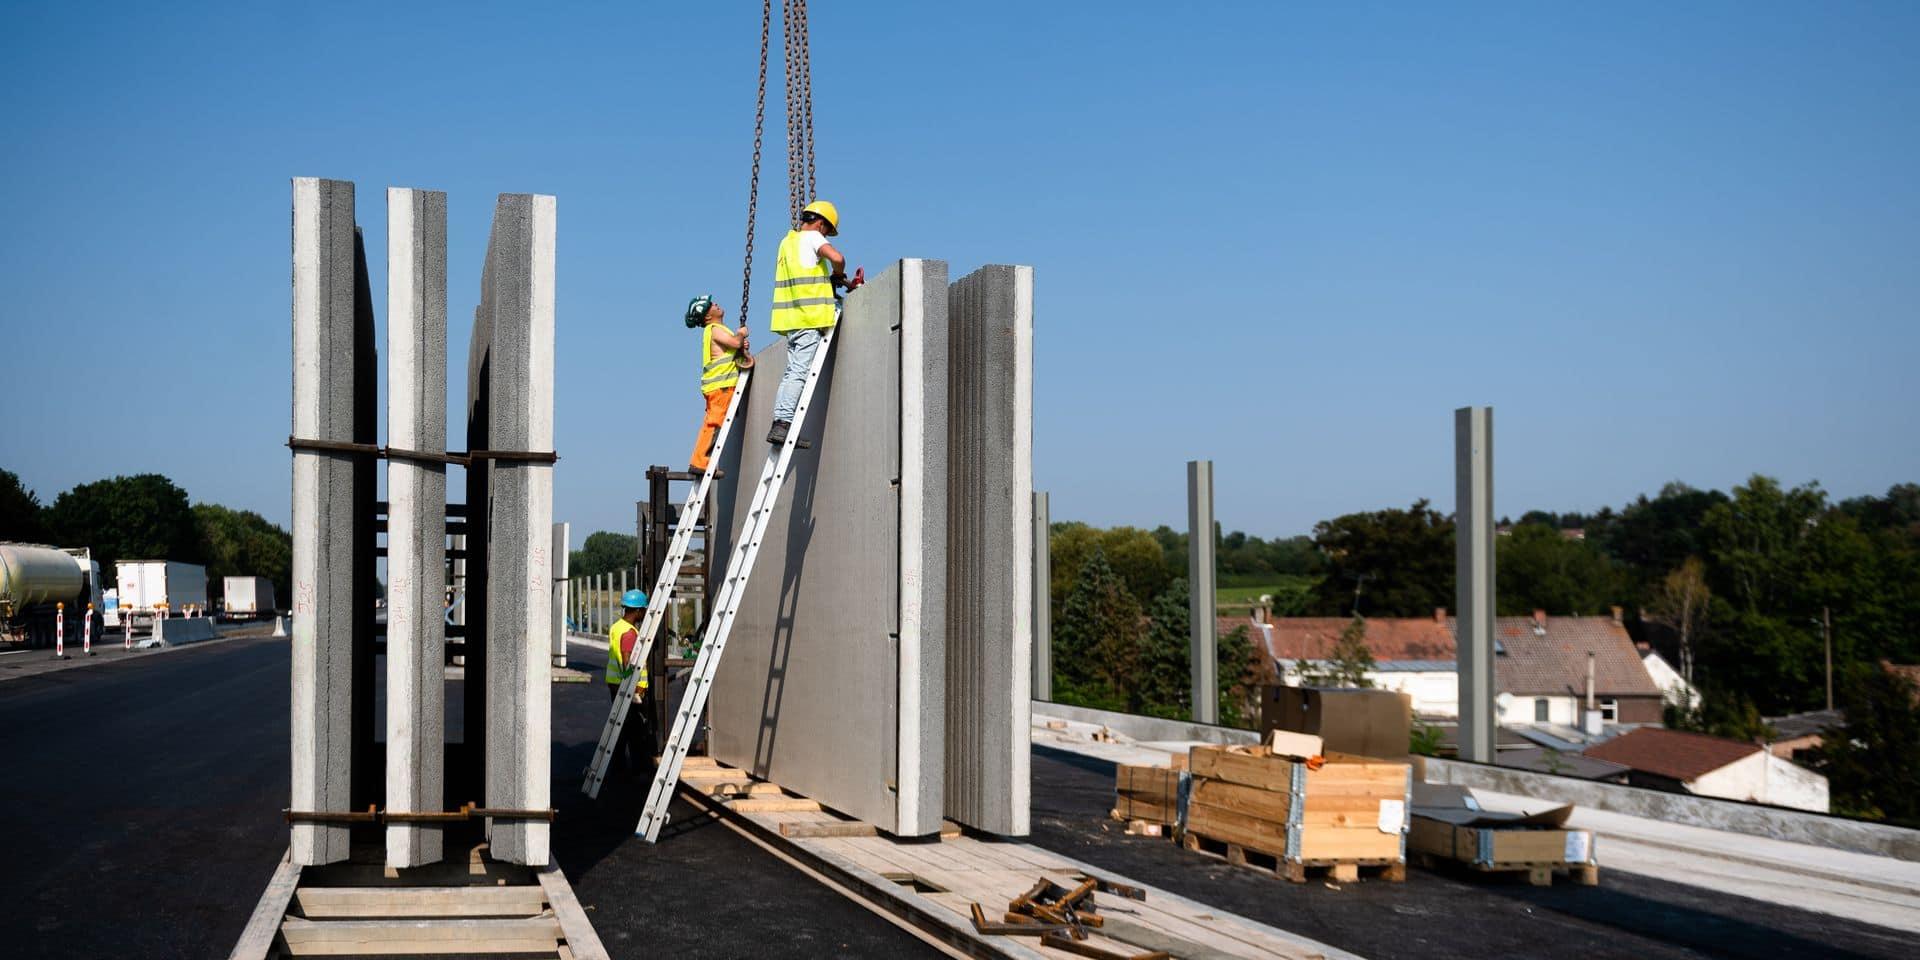 Obourg: Chantier de réhabilitation de l autoroute E19/E42 - reconstruction complete des voiries entre Obourg et Jemappes